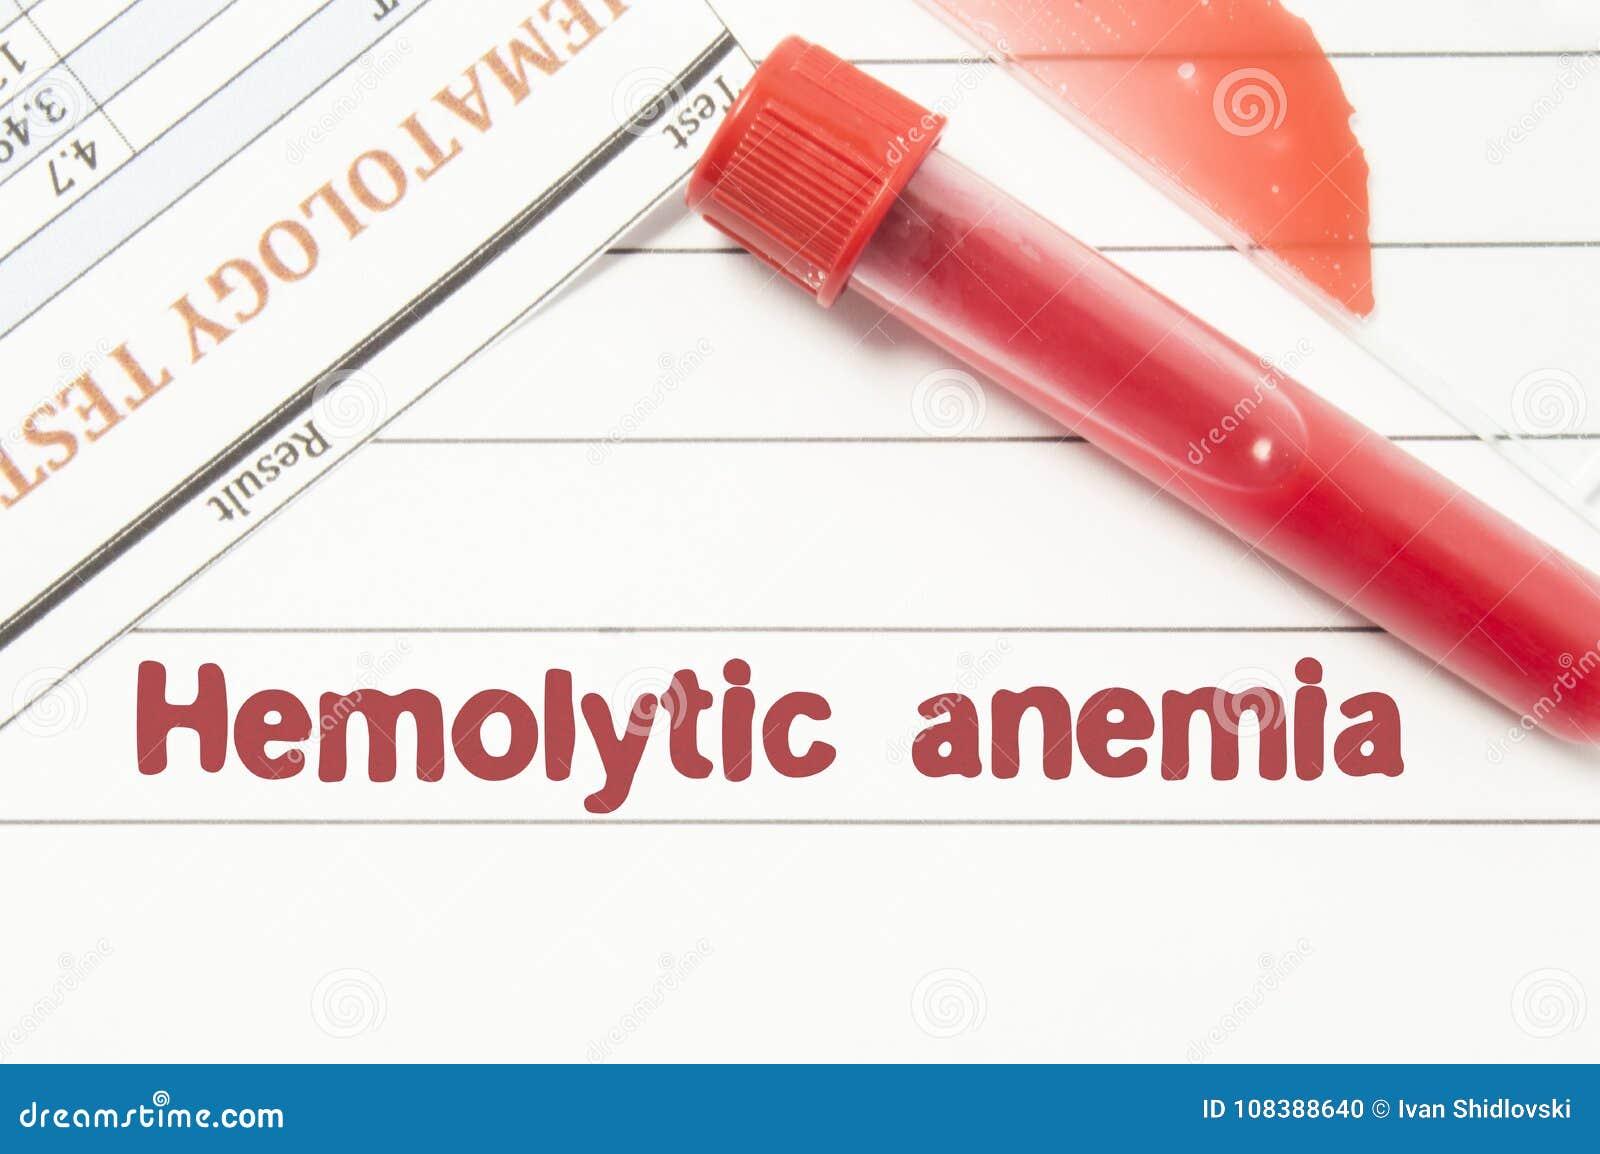 Anemia Hemolytic do diagnóstico O bloco de notas com texto etiqueta a anemia Hemolytic, tubos de análise laboratorial para o sang